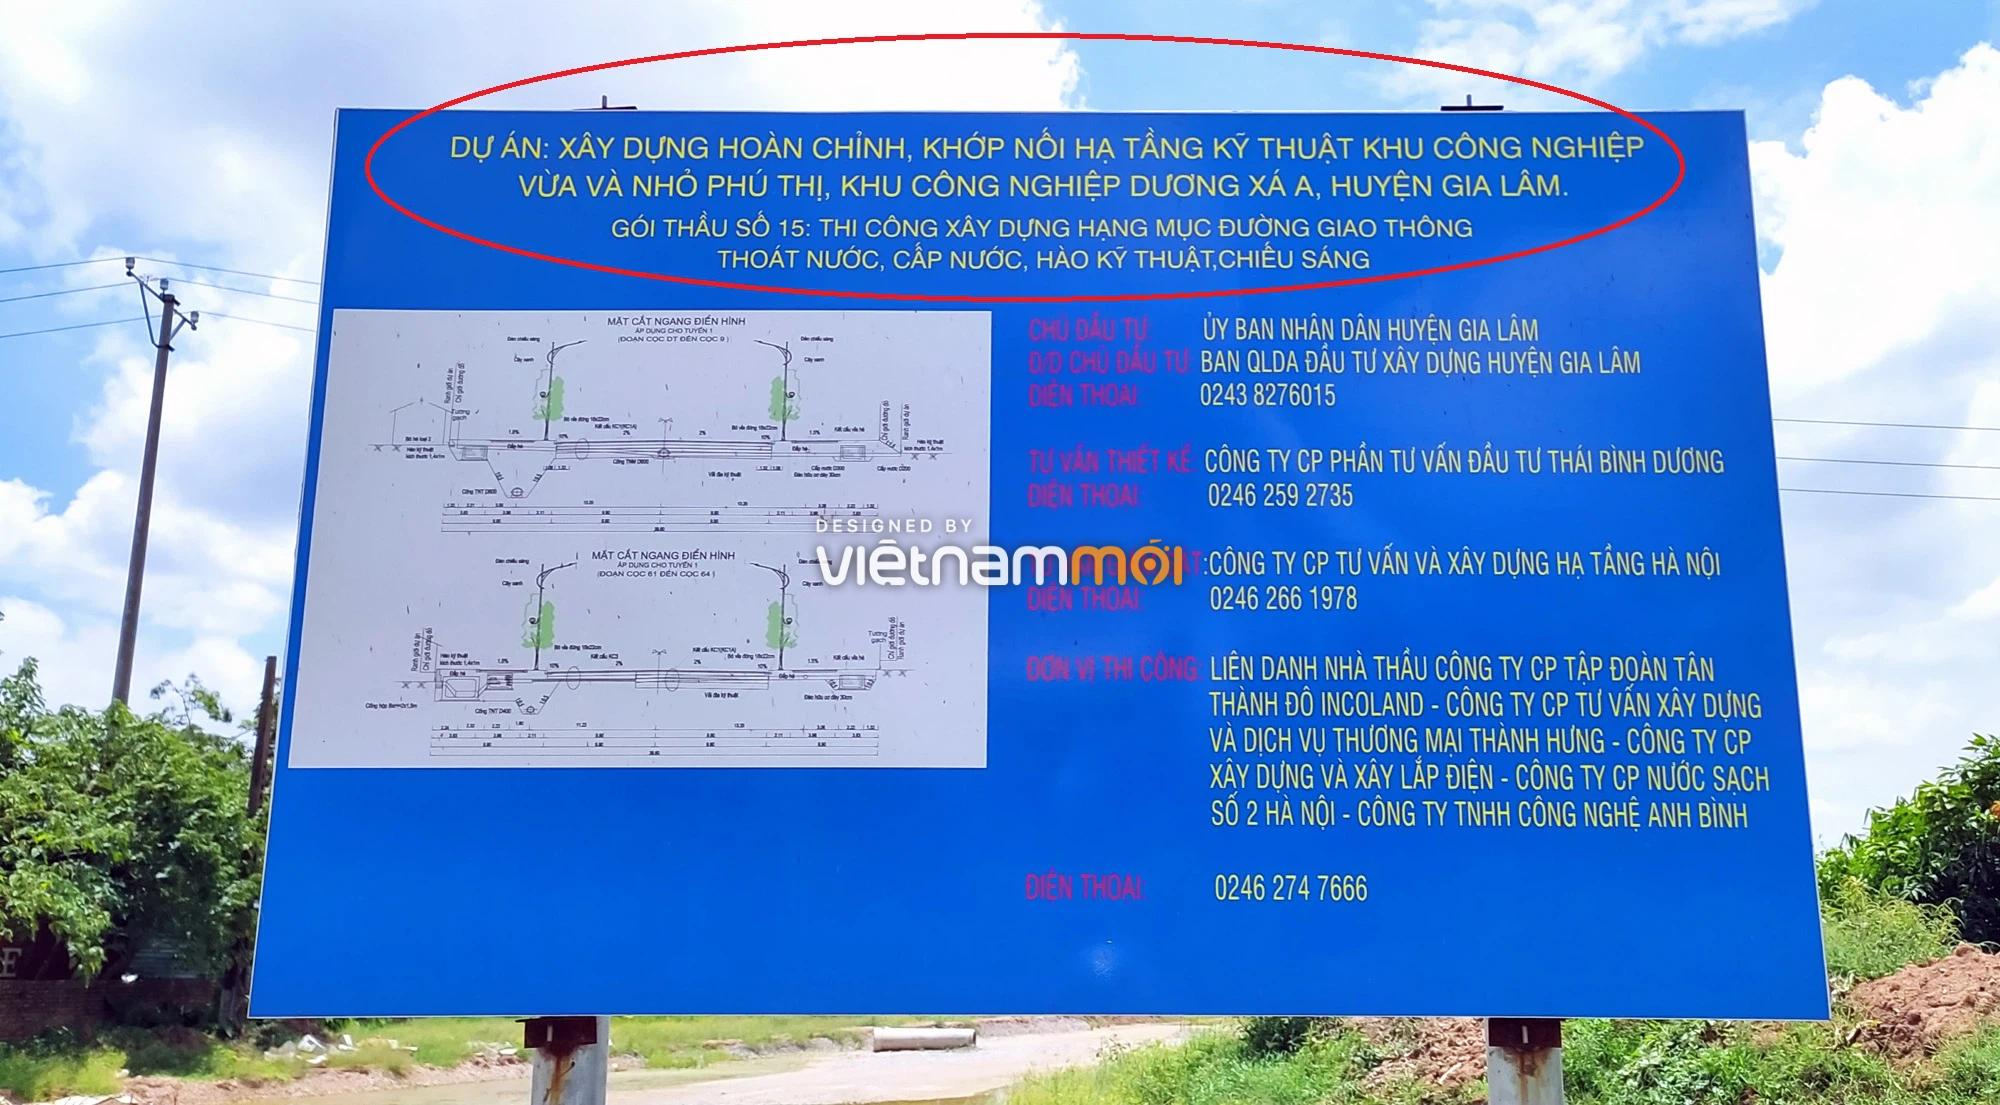 Toàn cảnh tuyến đường từ KĐT Đặng Xá đến chân cầu vượt Phú Thị đang mở theo quy hoạch ở Hà Nội - Ảnh 14.